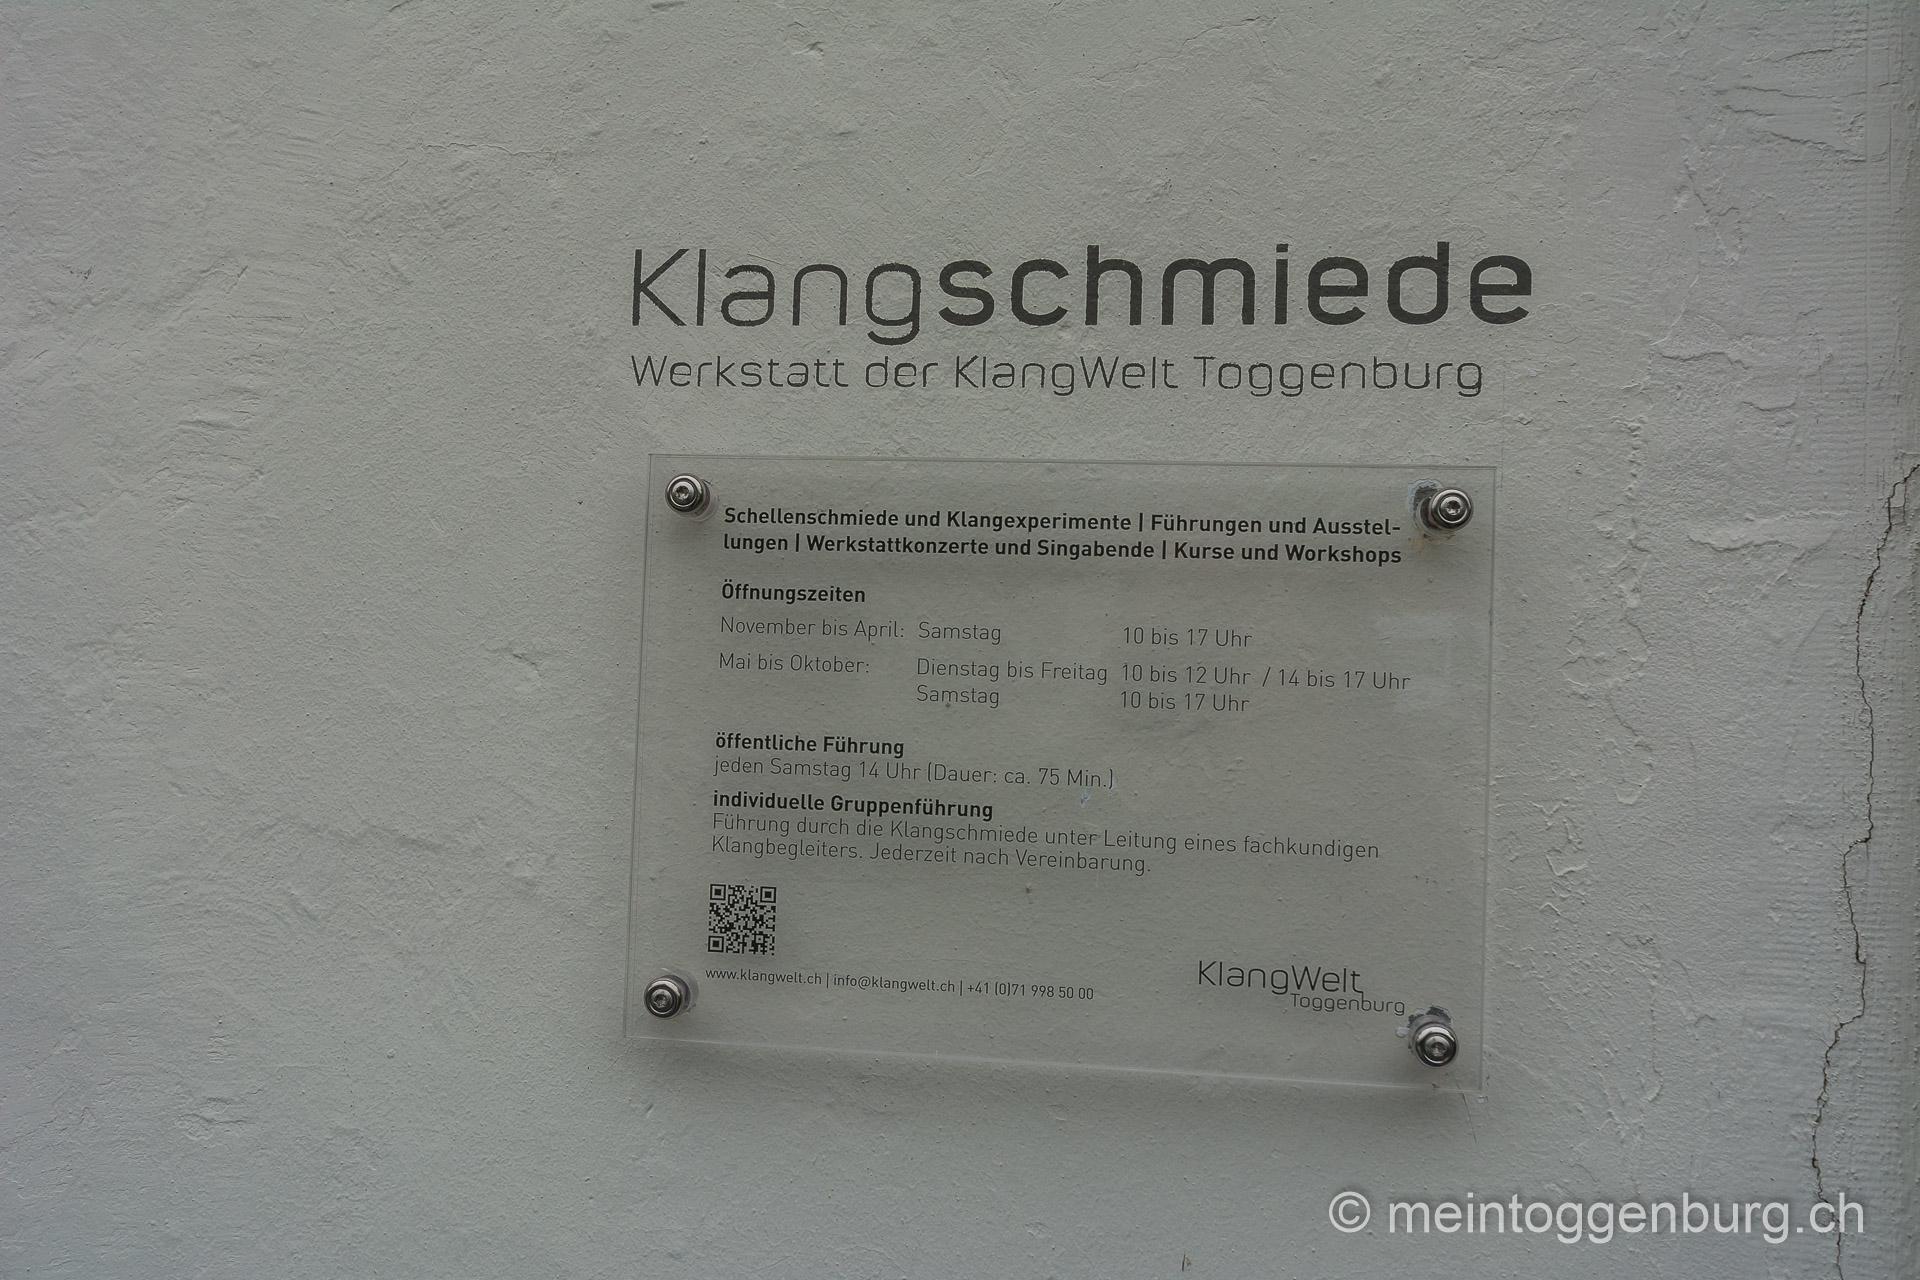 Klangschmiede Toggenburg